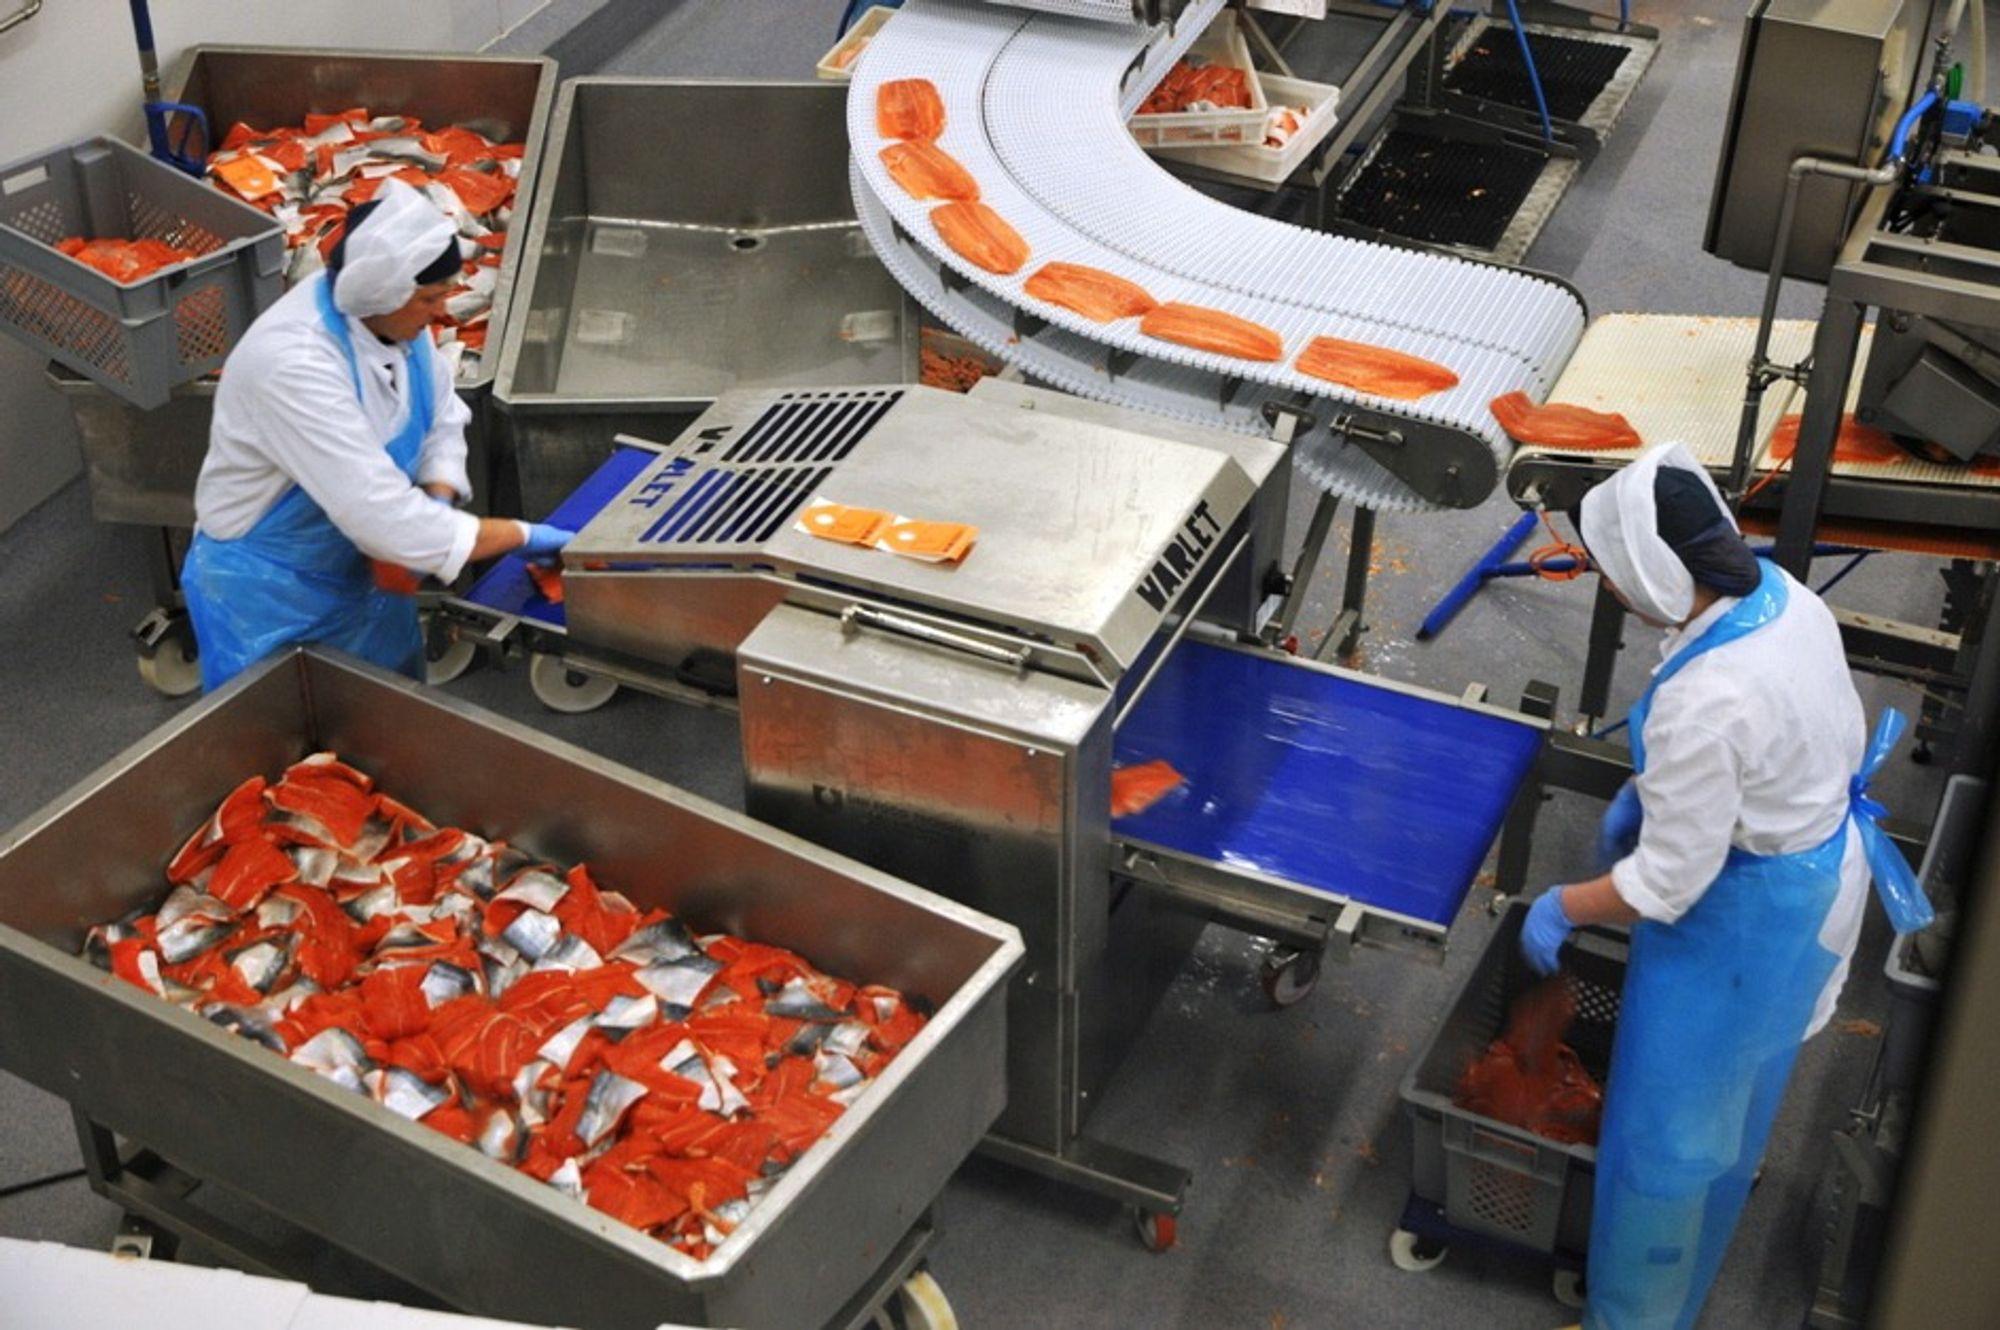 Et nytt vedlikeholdssystem skal sørge for skikkelig kvalitet og vekst hos Lofotprodukt.